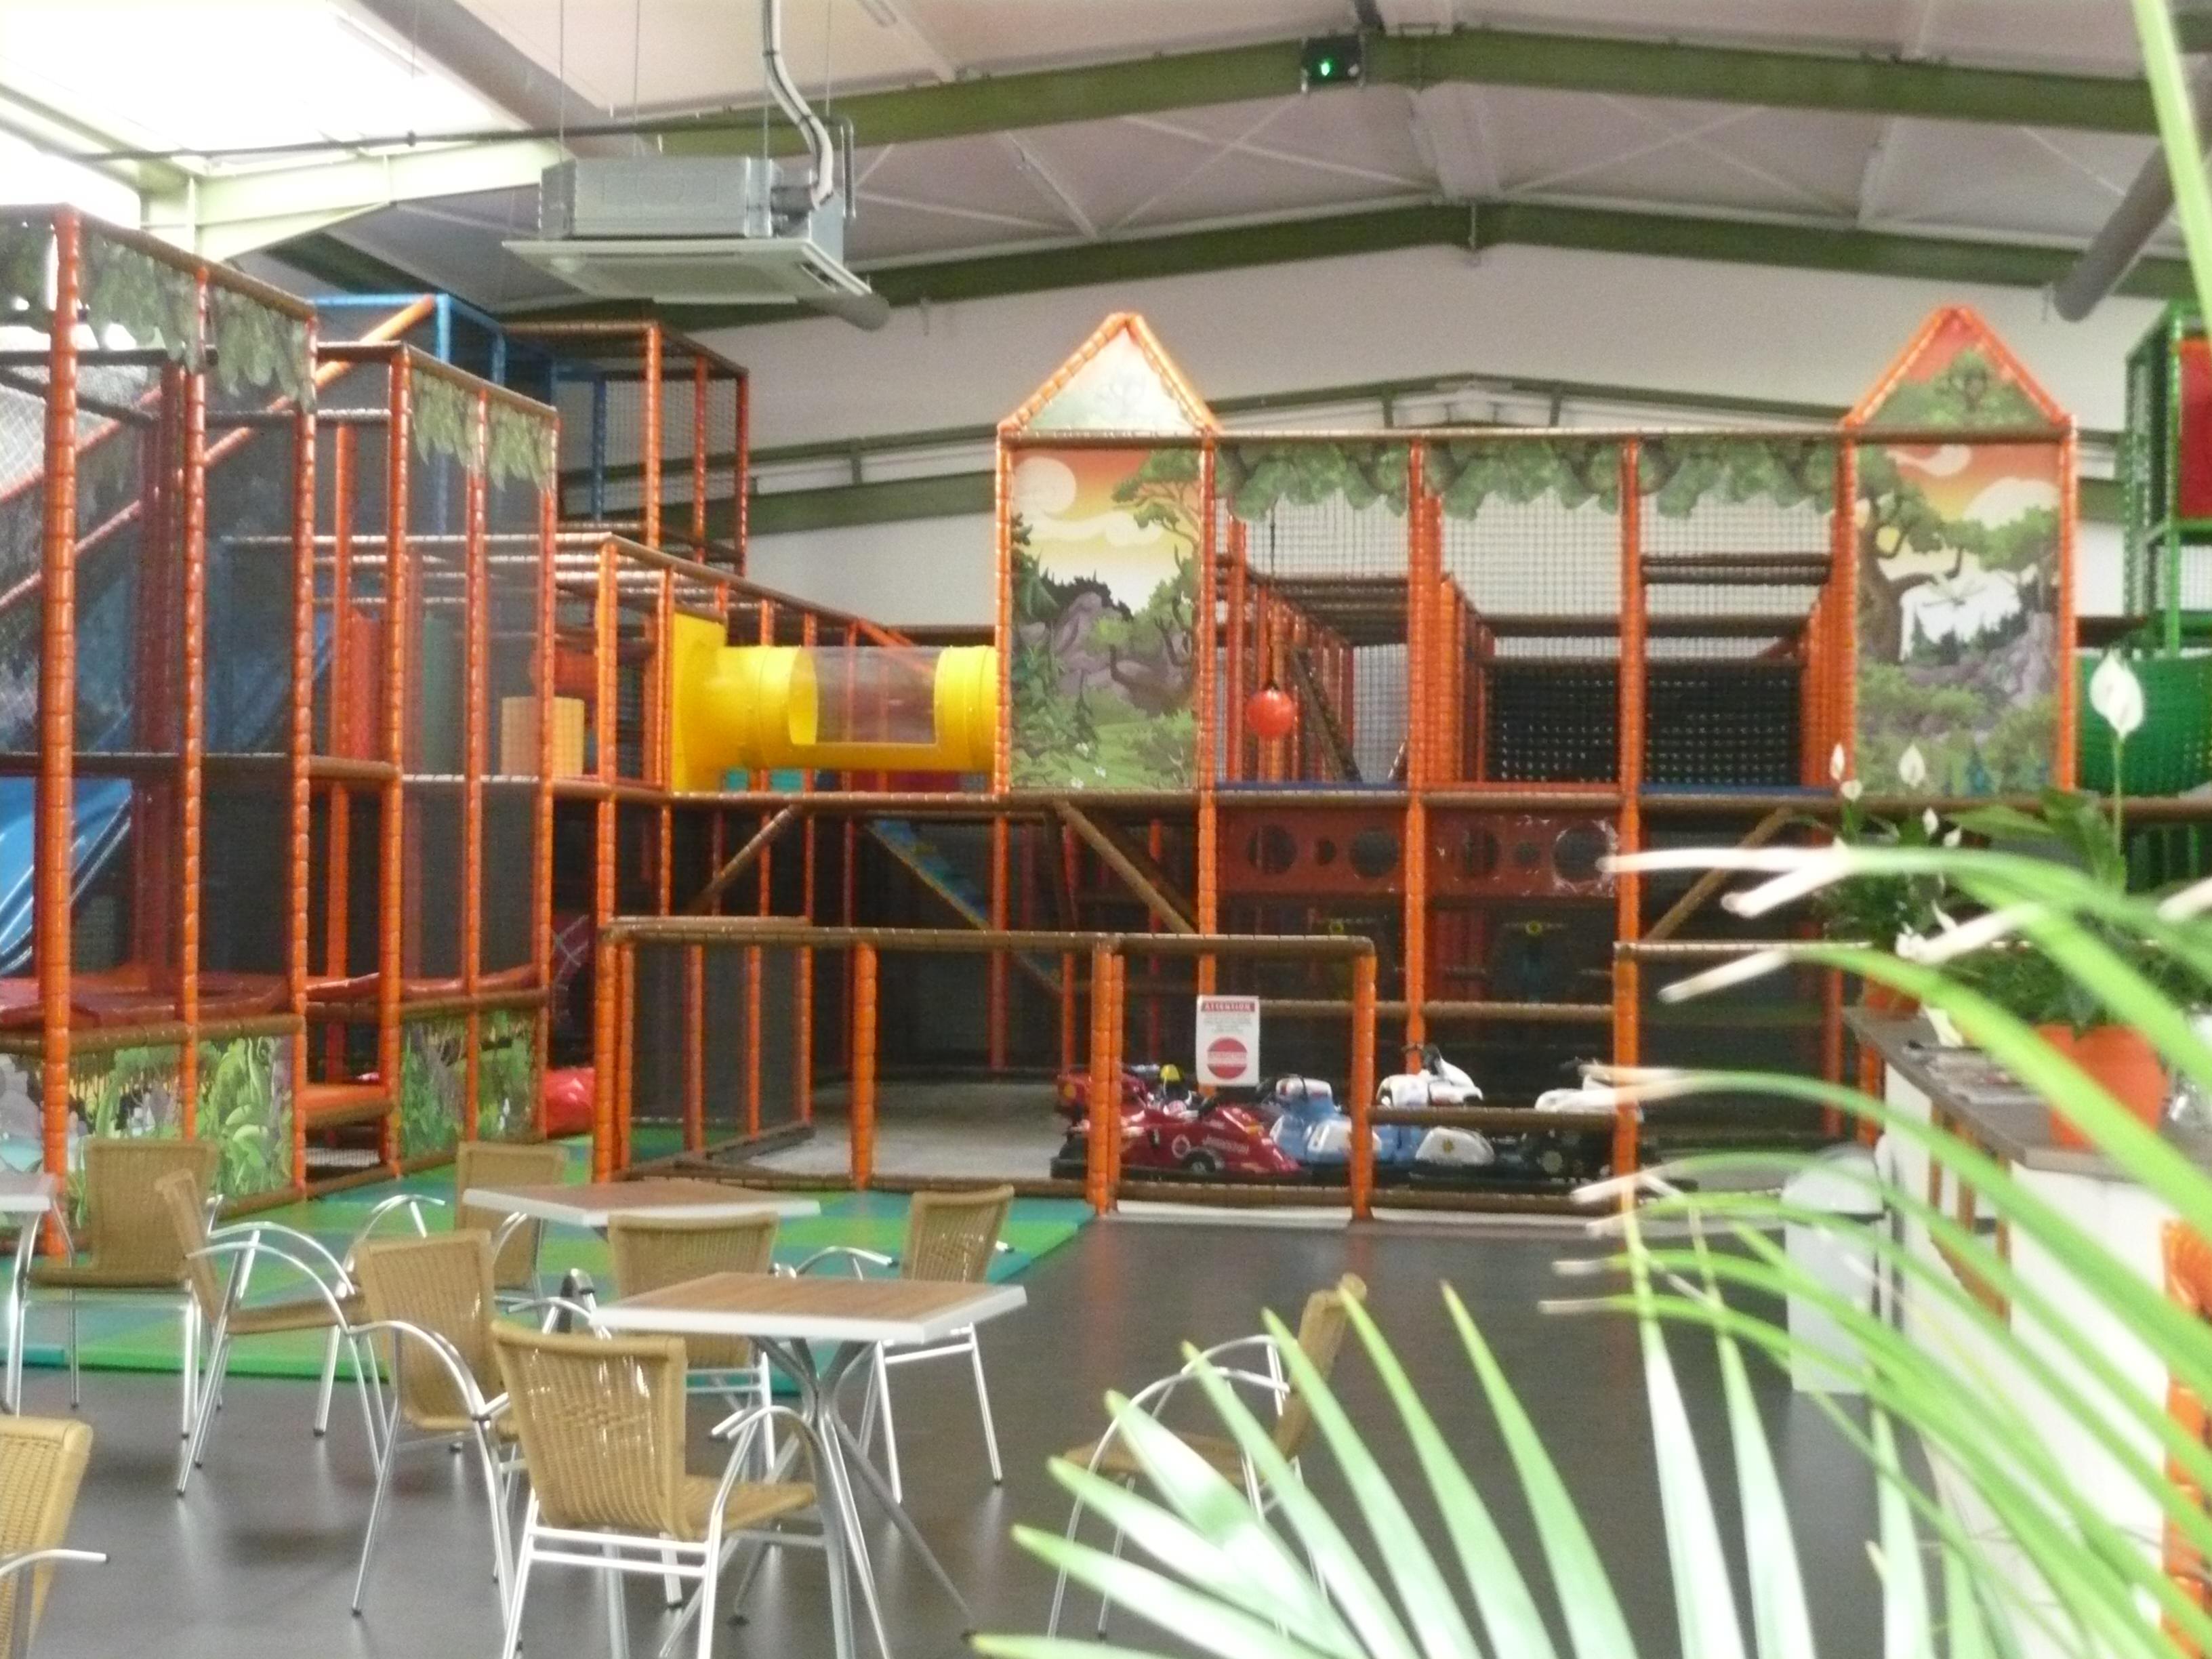 Parcs de loisirs for Parc loisir yvelines